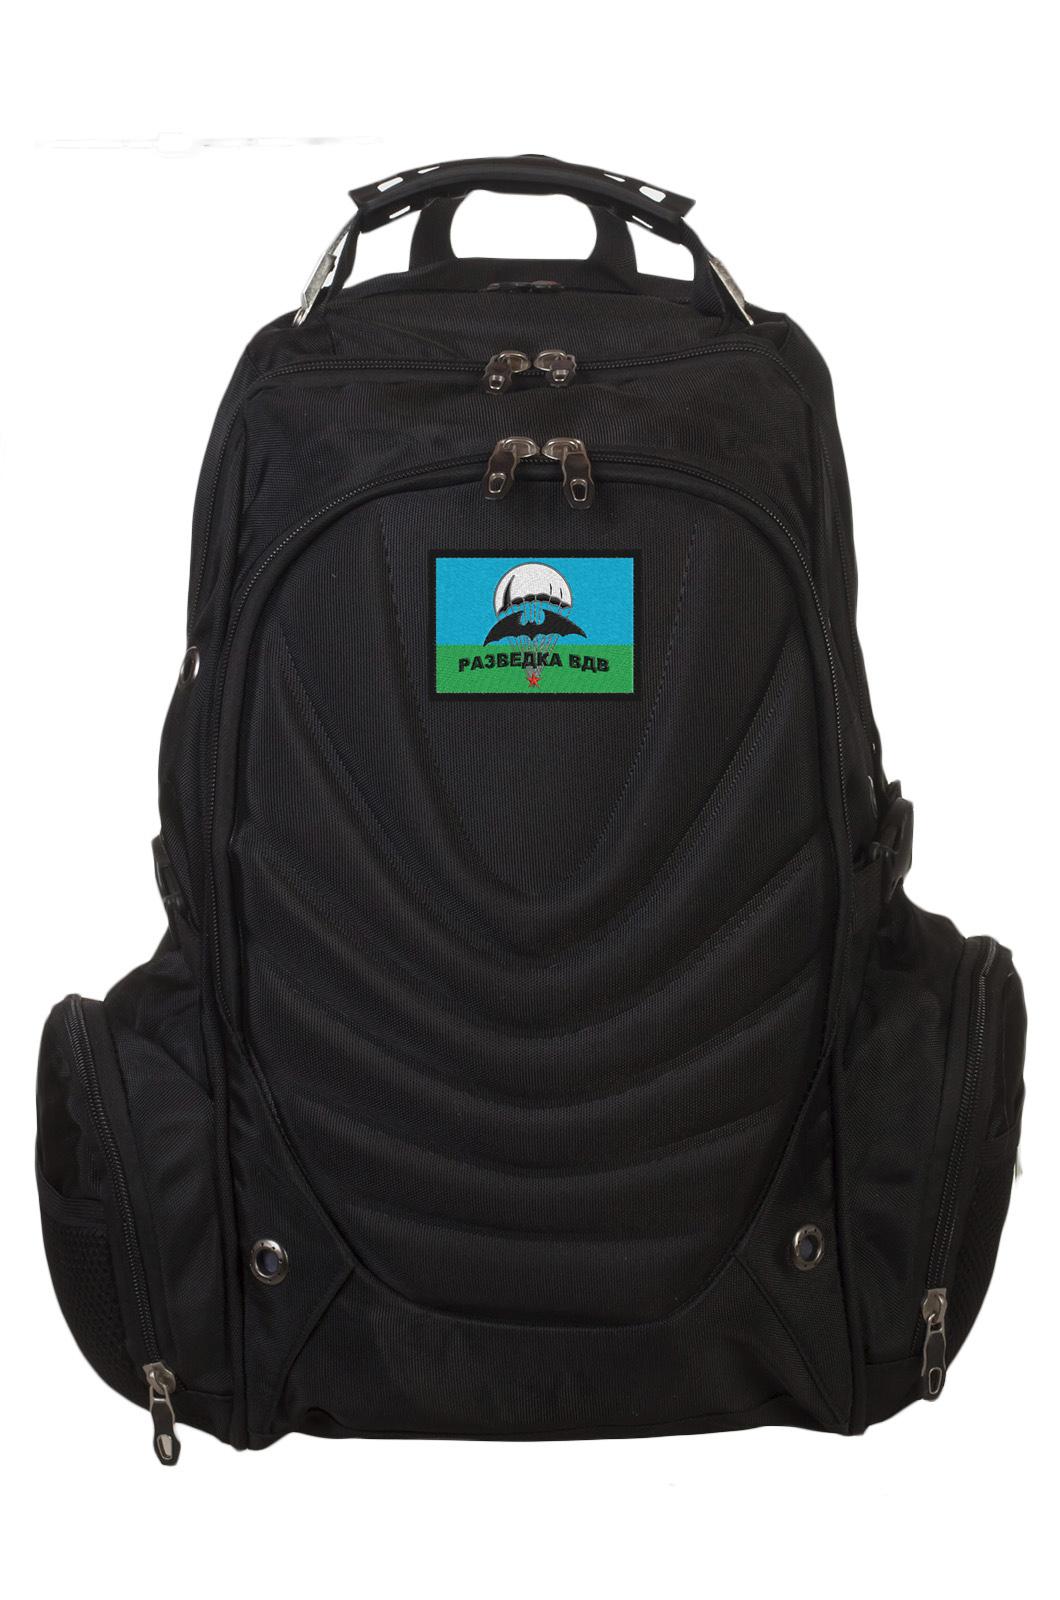 Черный вместительный рюкзак с нашивкой Разведка ГРУ